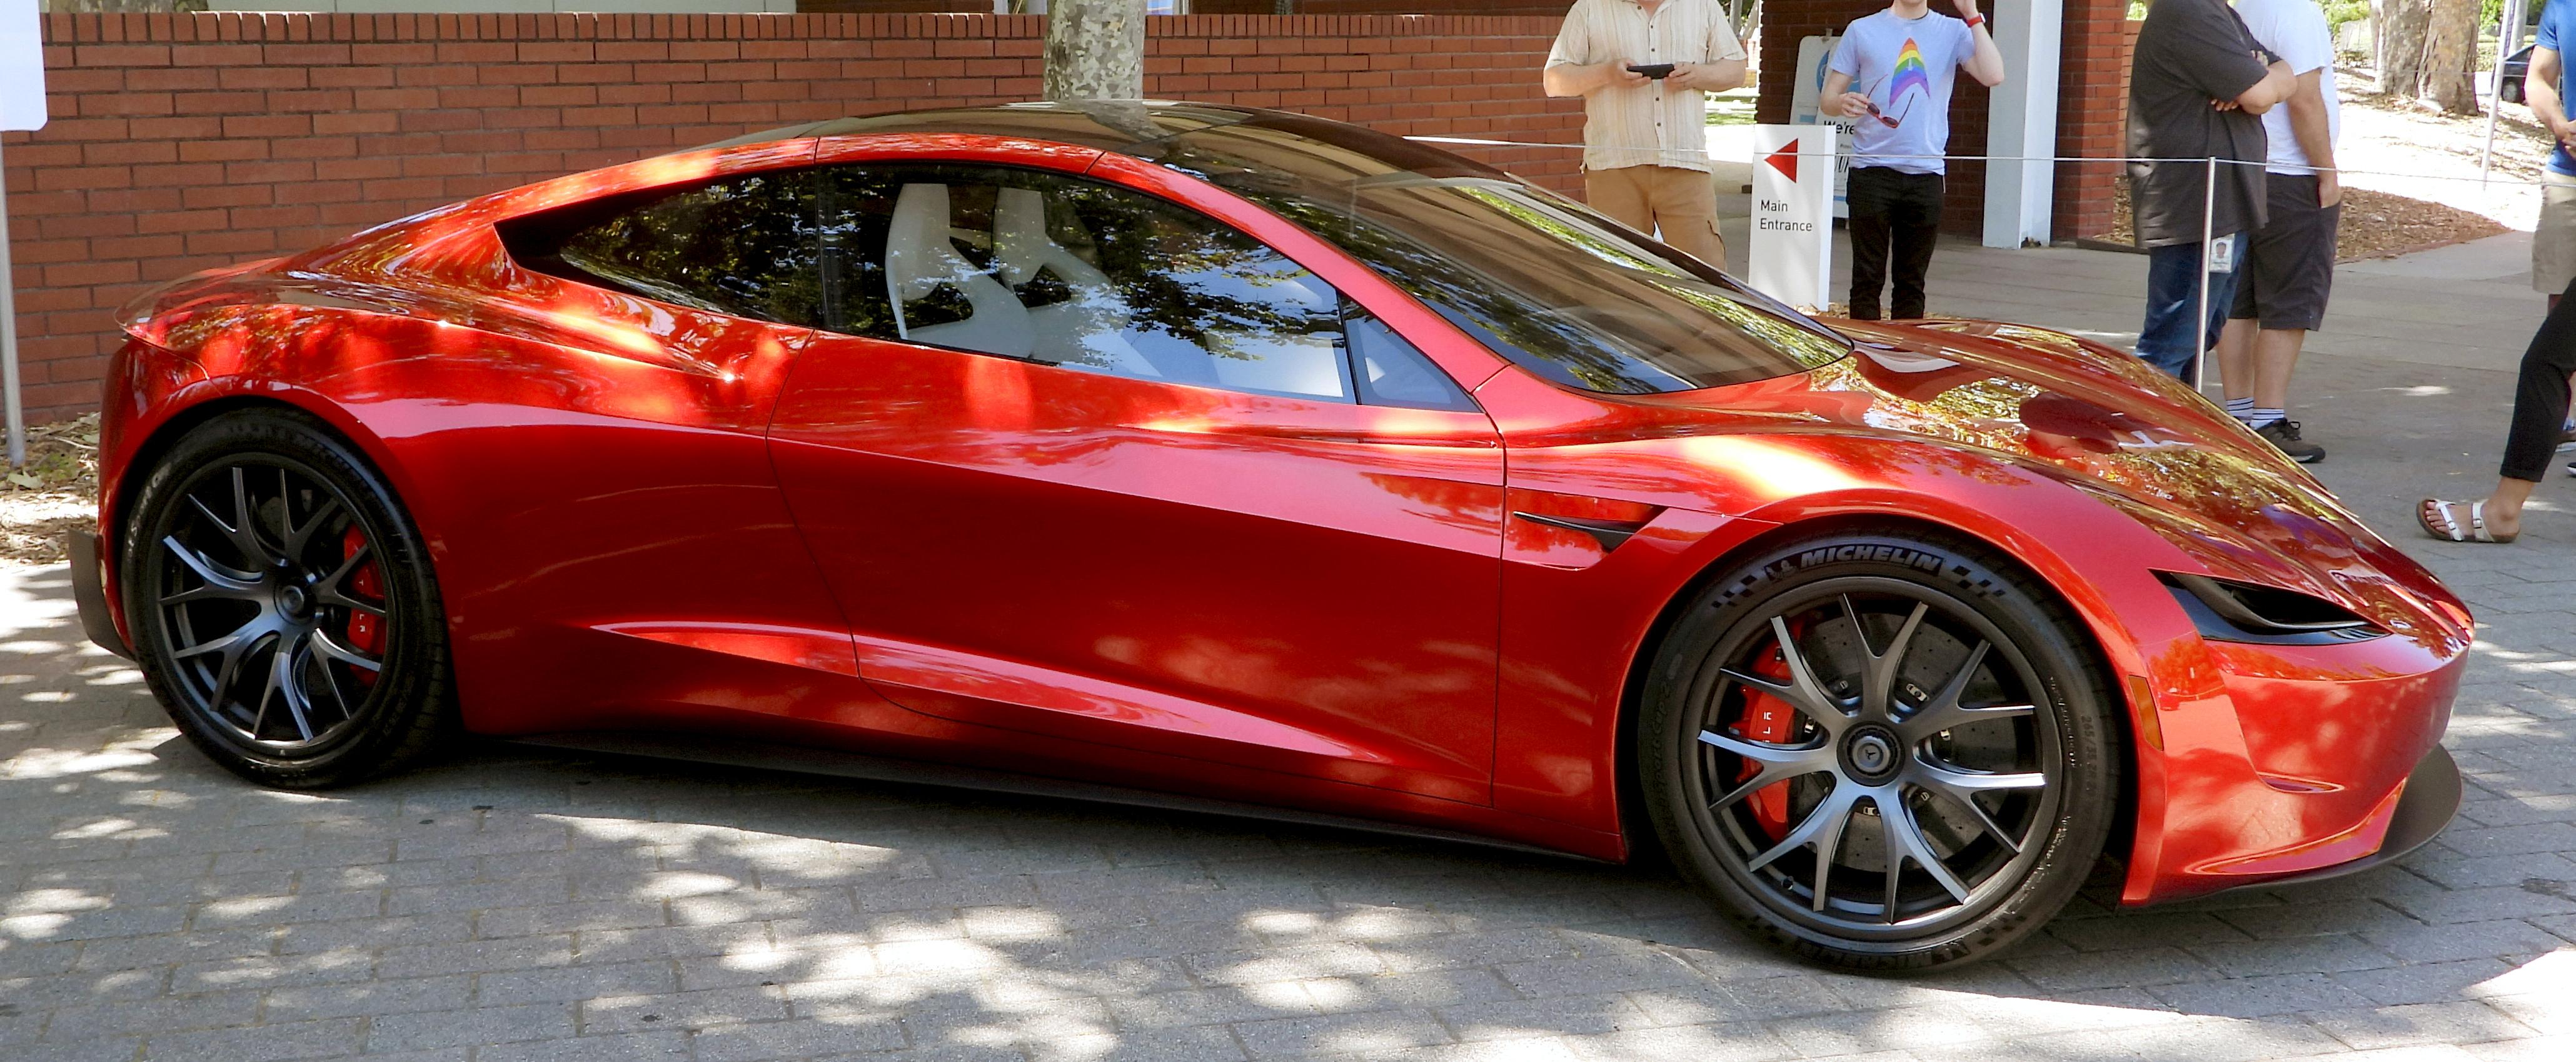 Tesla Roadster (2020) - Wikipedia